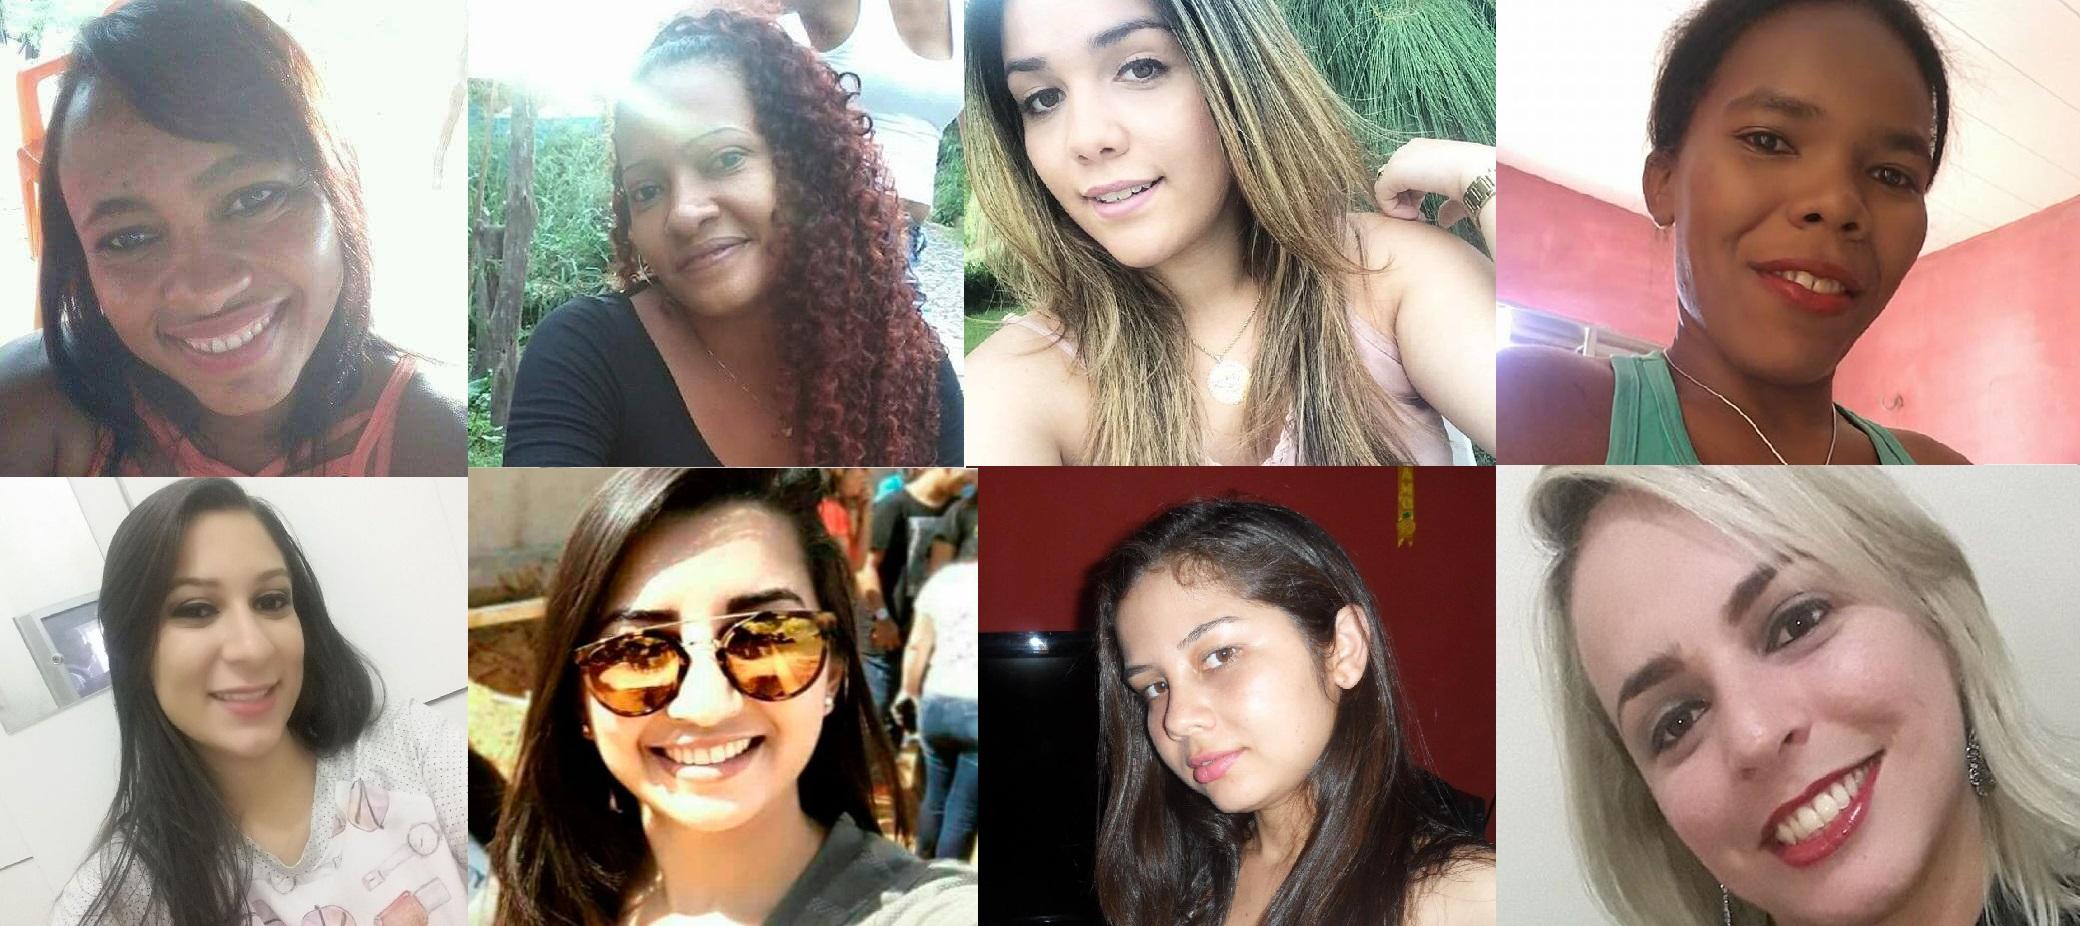 VIOLÊNCIA CONTRA A MULHER: Piauí registrou 100 mulheres mortas desde criação da lei do feminicídio